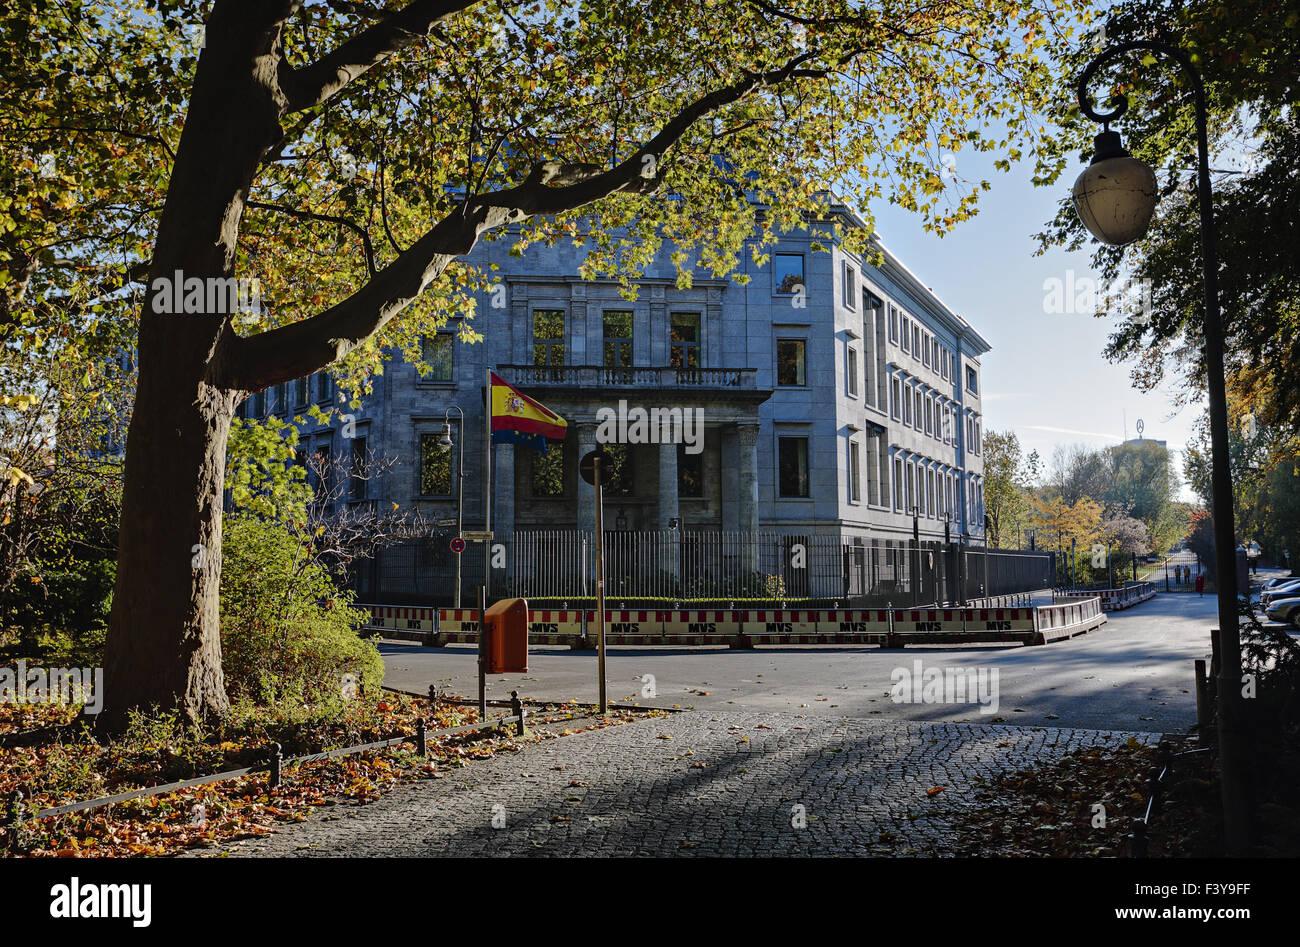 Spanish Embassy, Grosser Tiergarten in Berlin - Stock Image